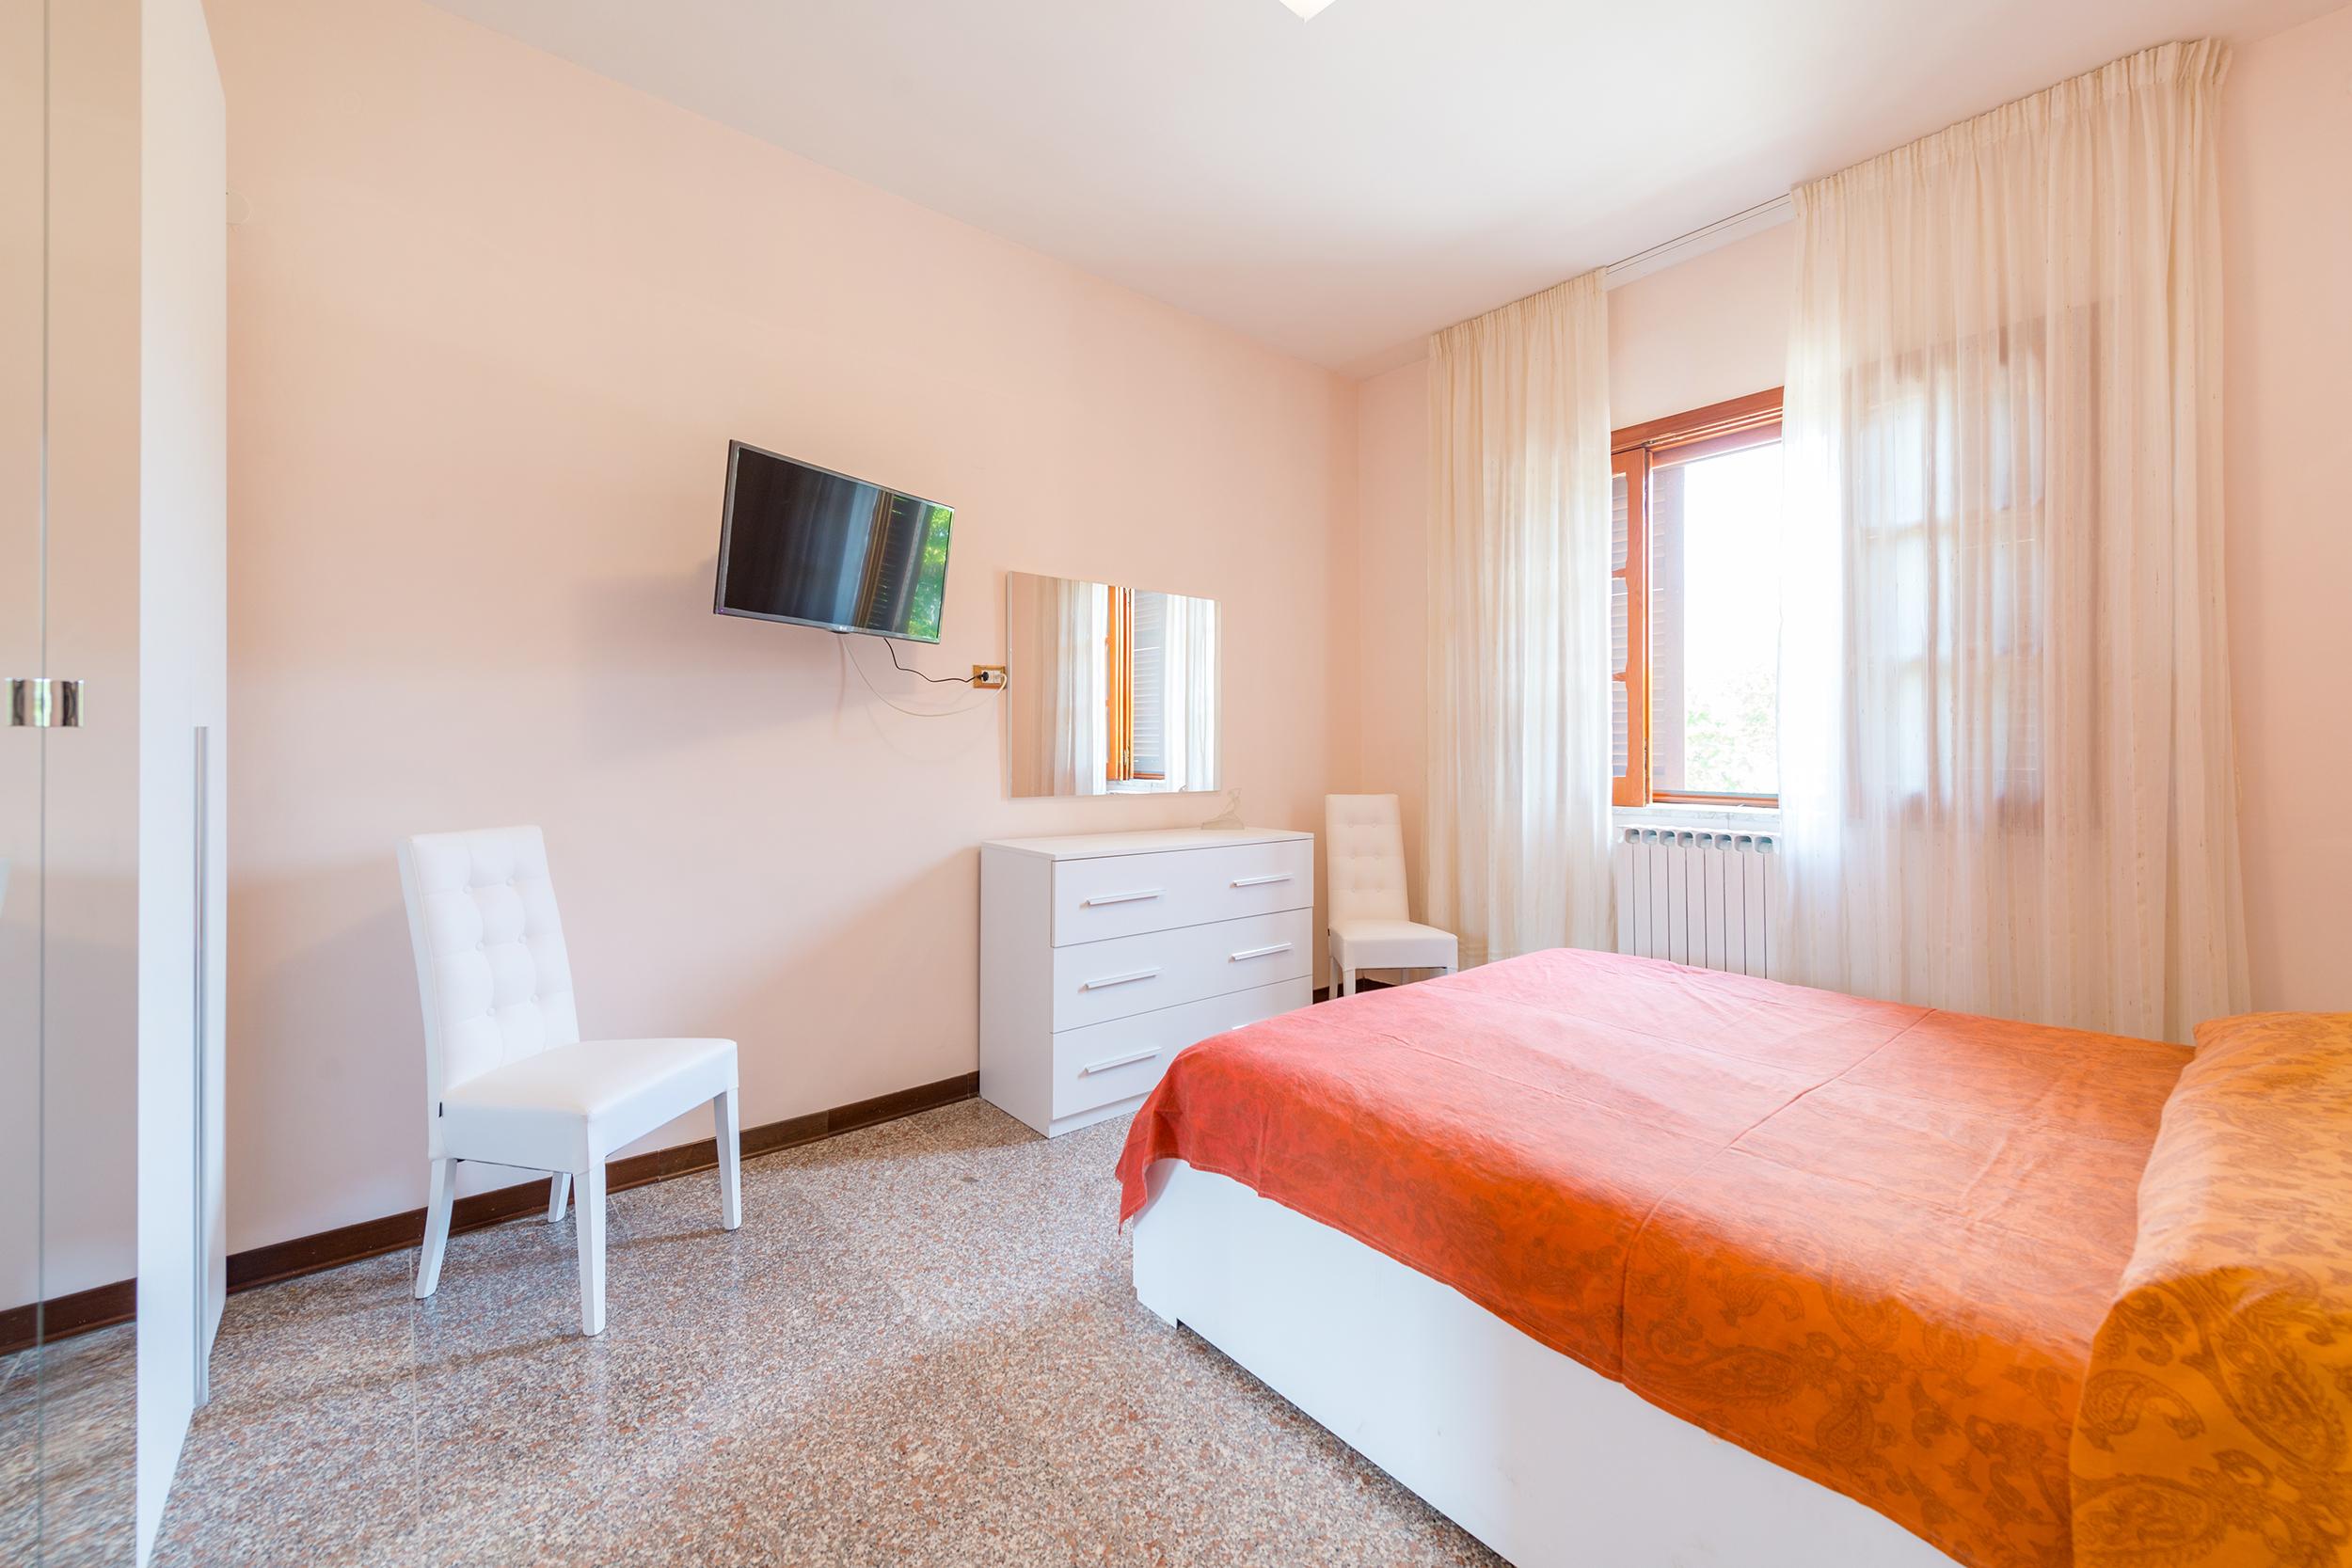 Stanza da letto 1 homerentalia - Stanze da letto bellissime ...